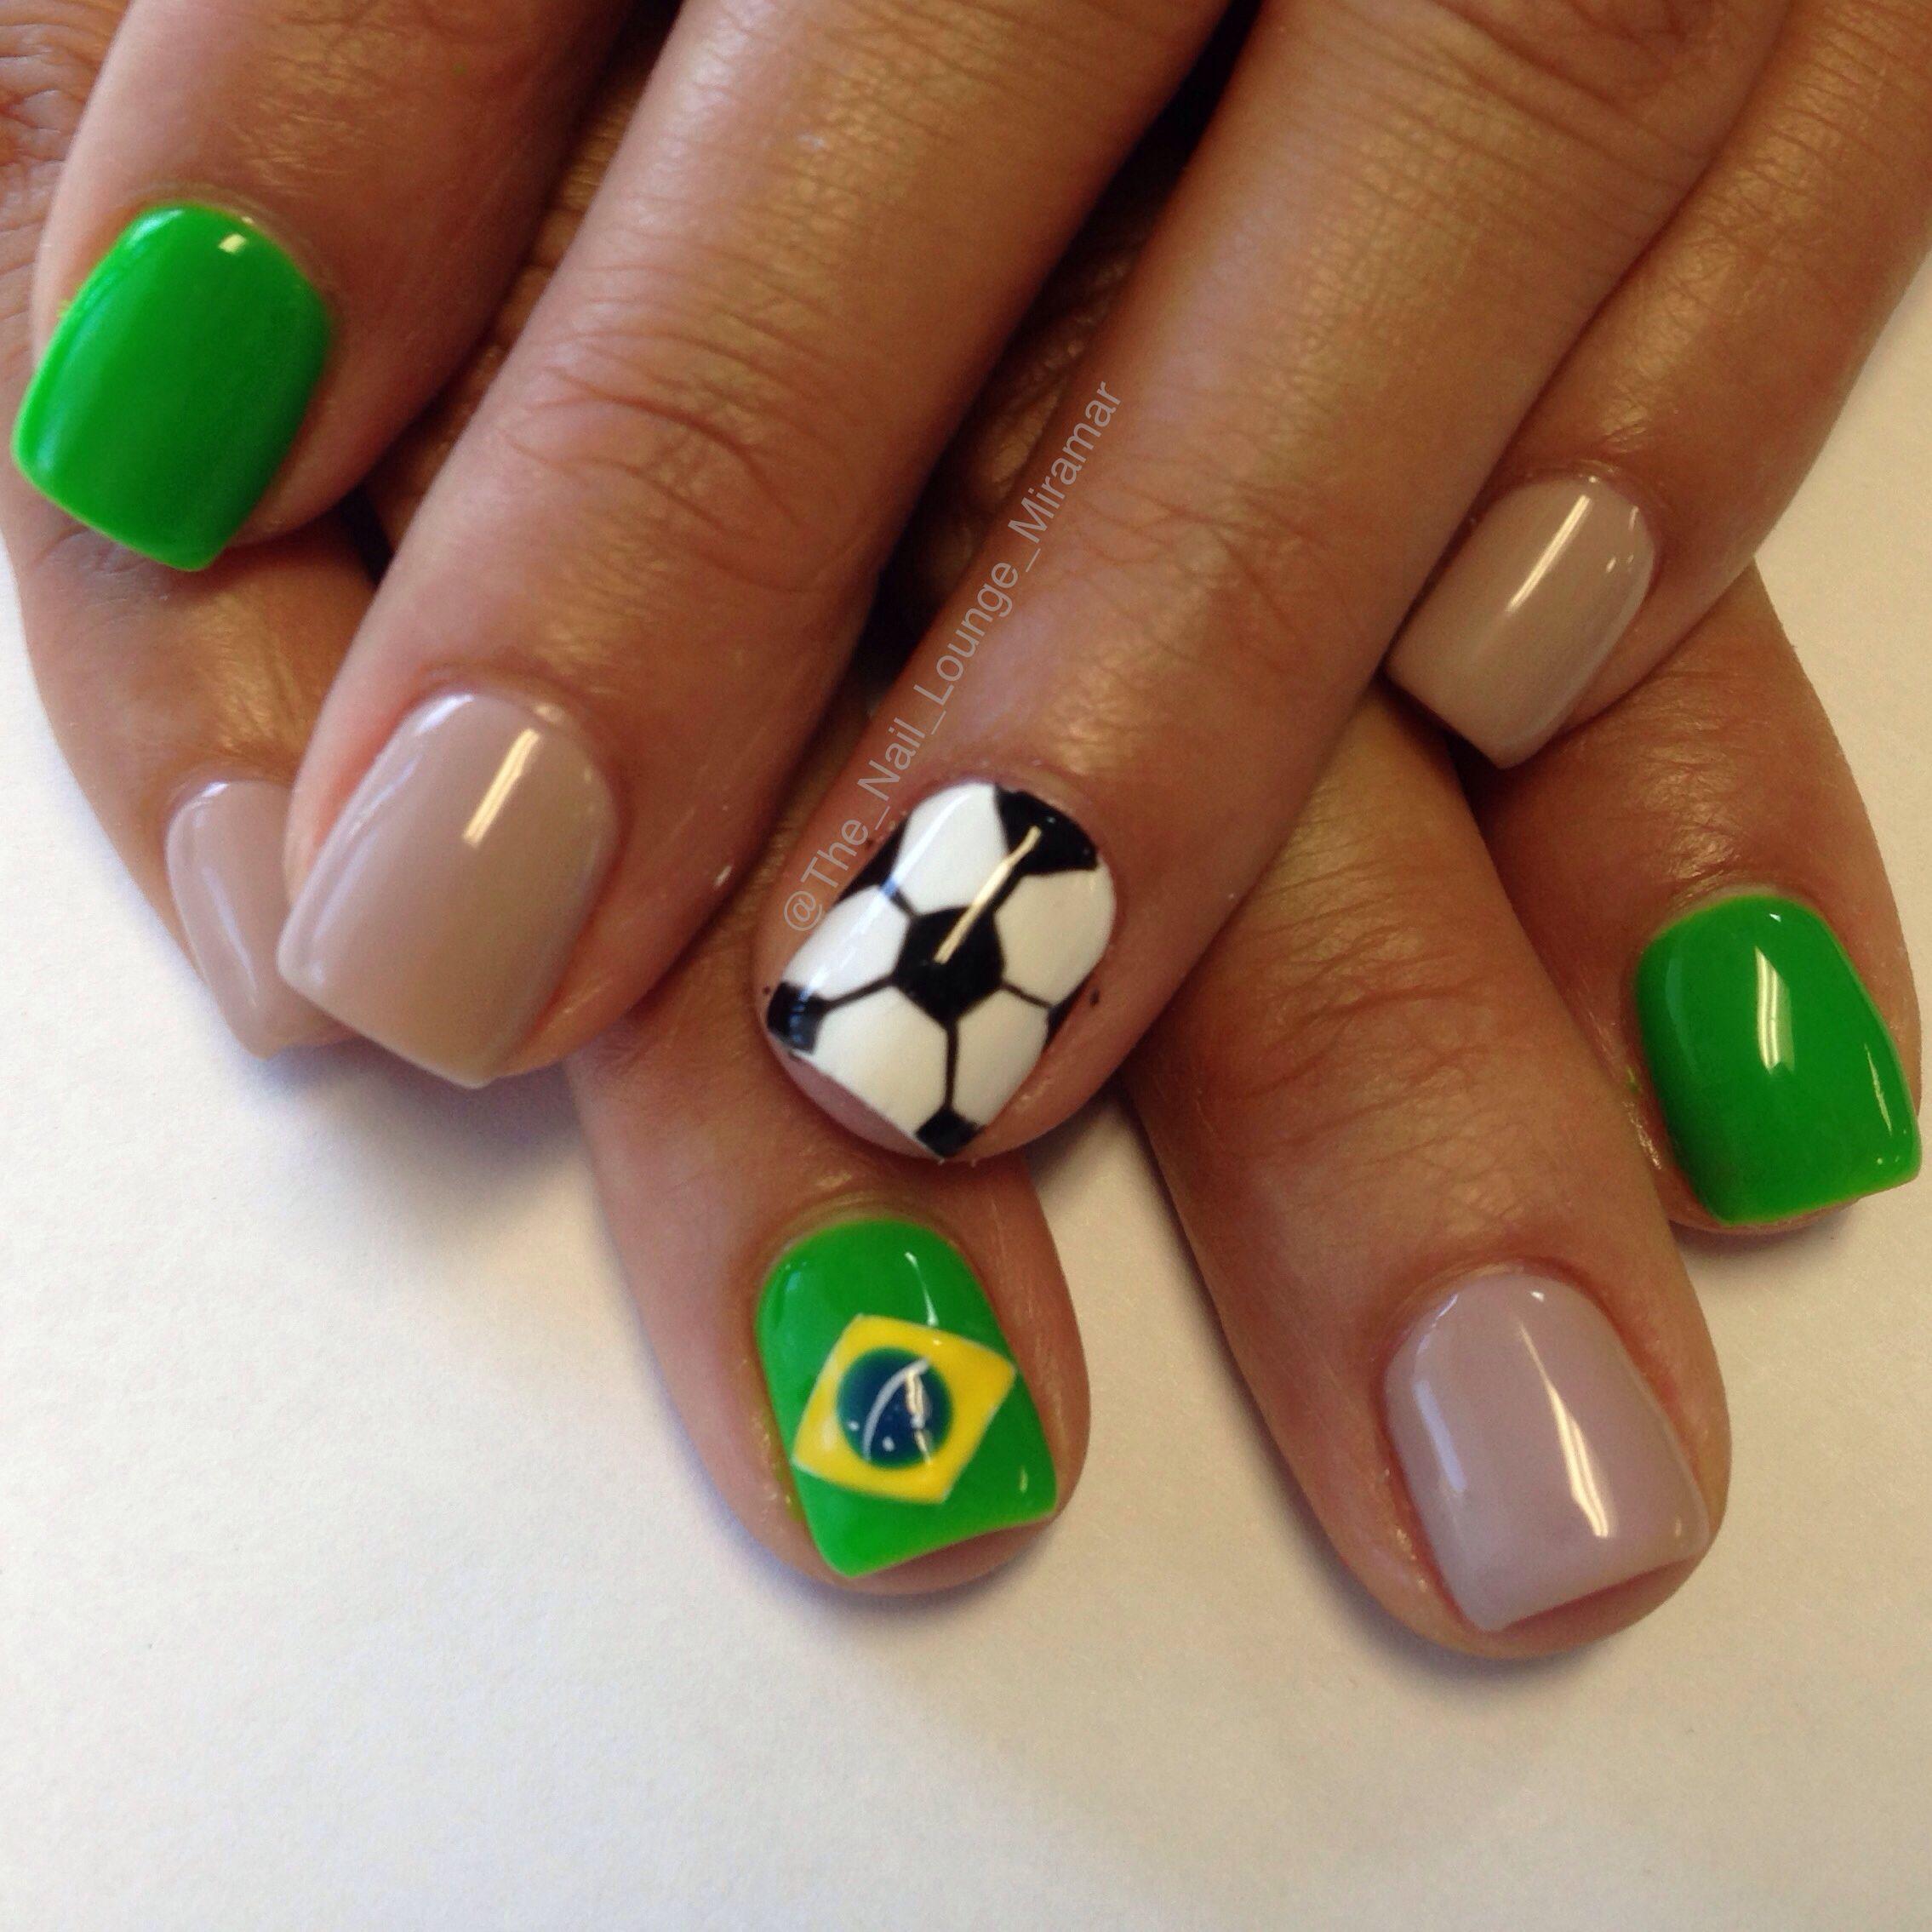 2014 world cup brasil soccer nail art design nail art 2014 world cup brasil soccer nail art design prinsesfo Choice Image